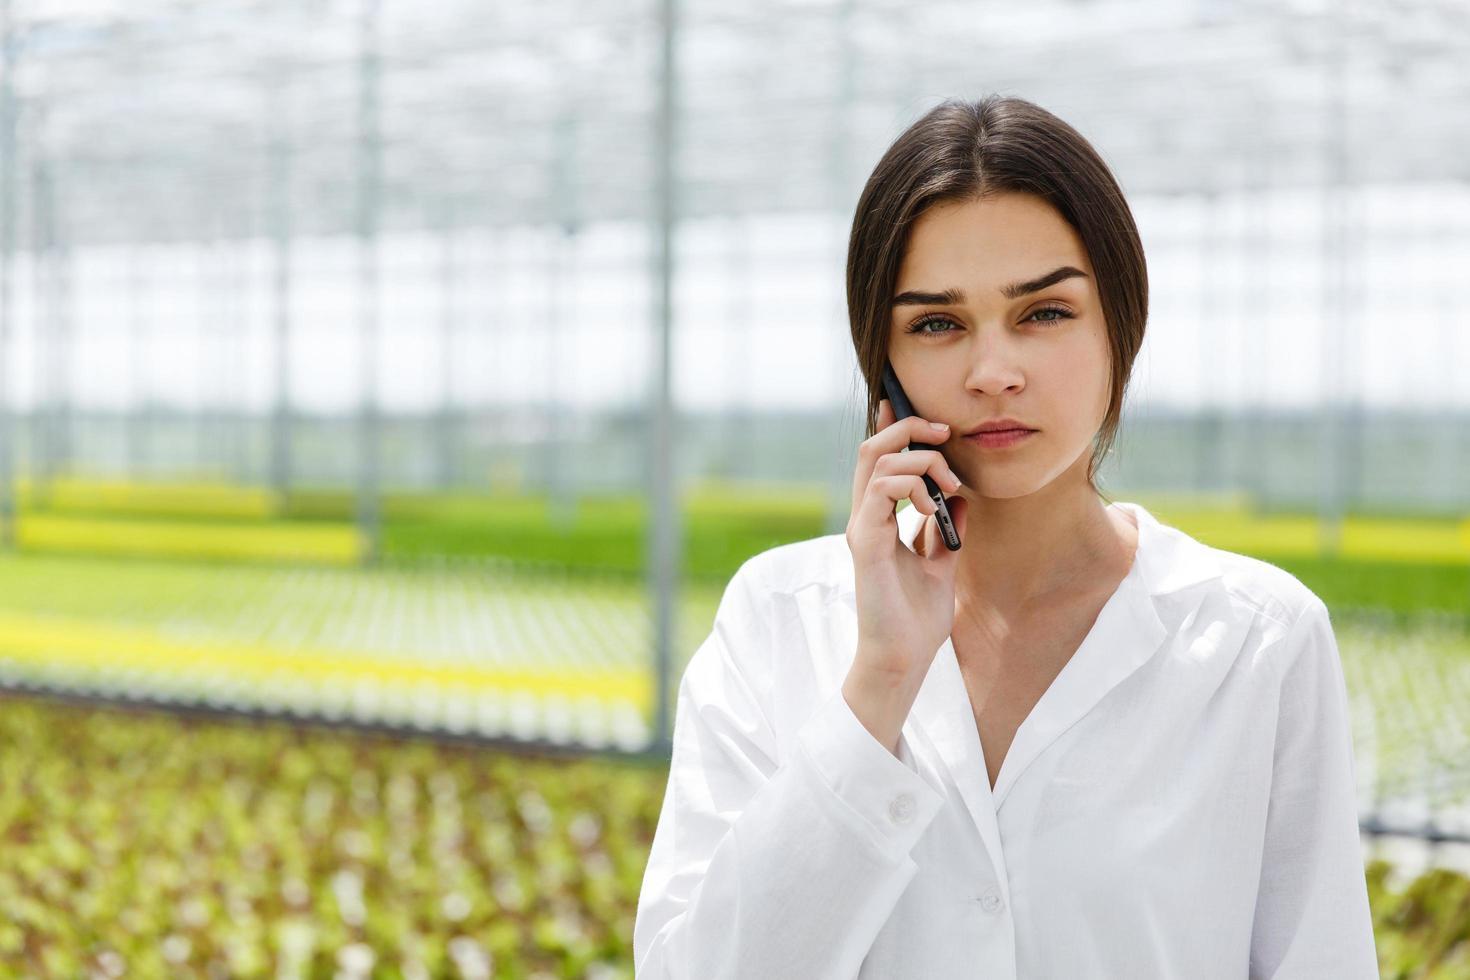 forskare pratar i telefon och går runt ett växthus foto